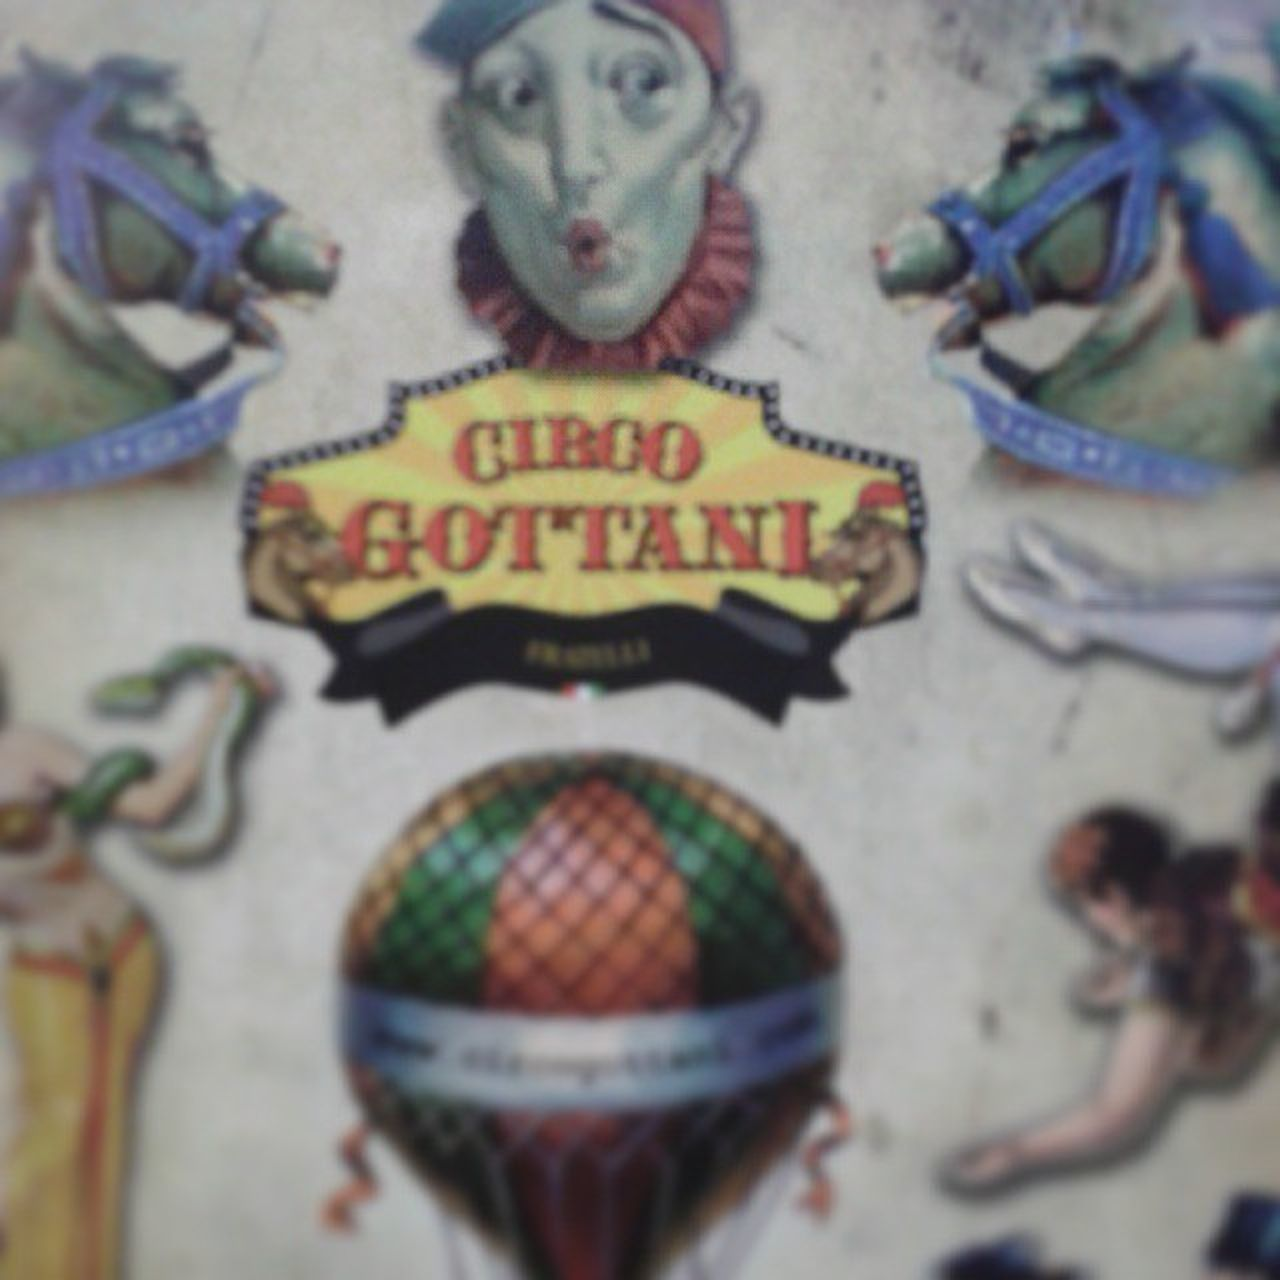 047 365 Circo Payaso